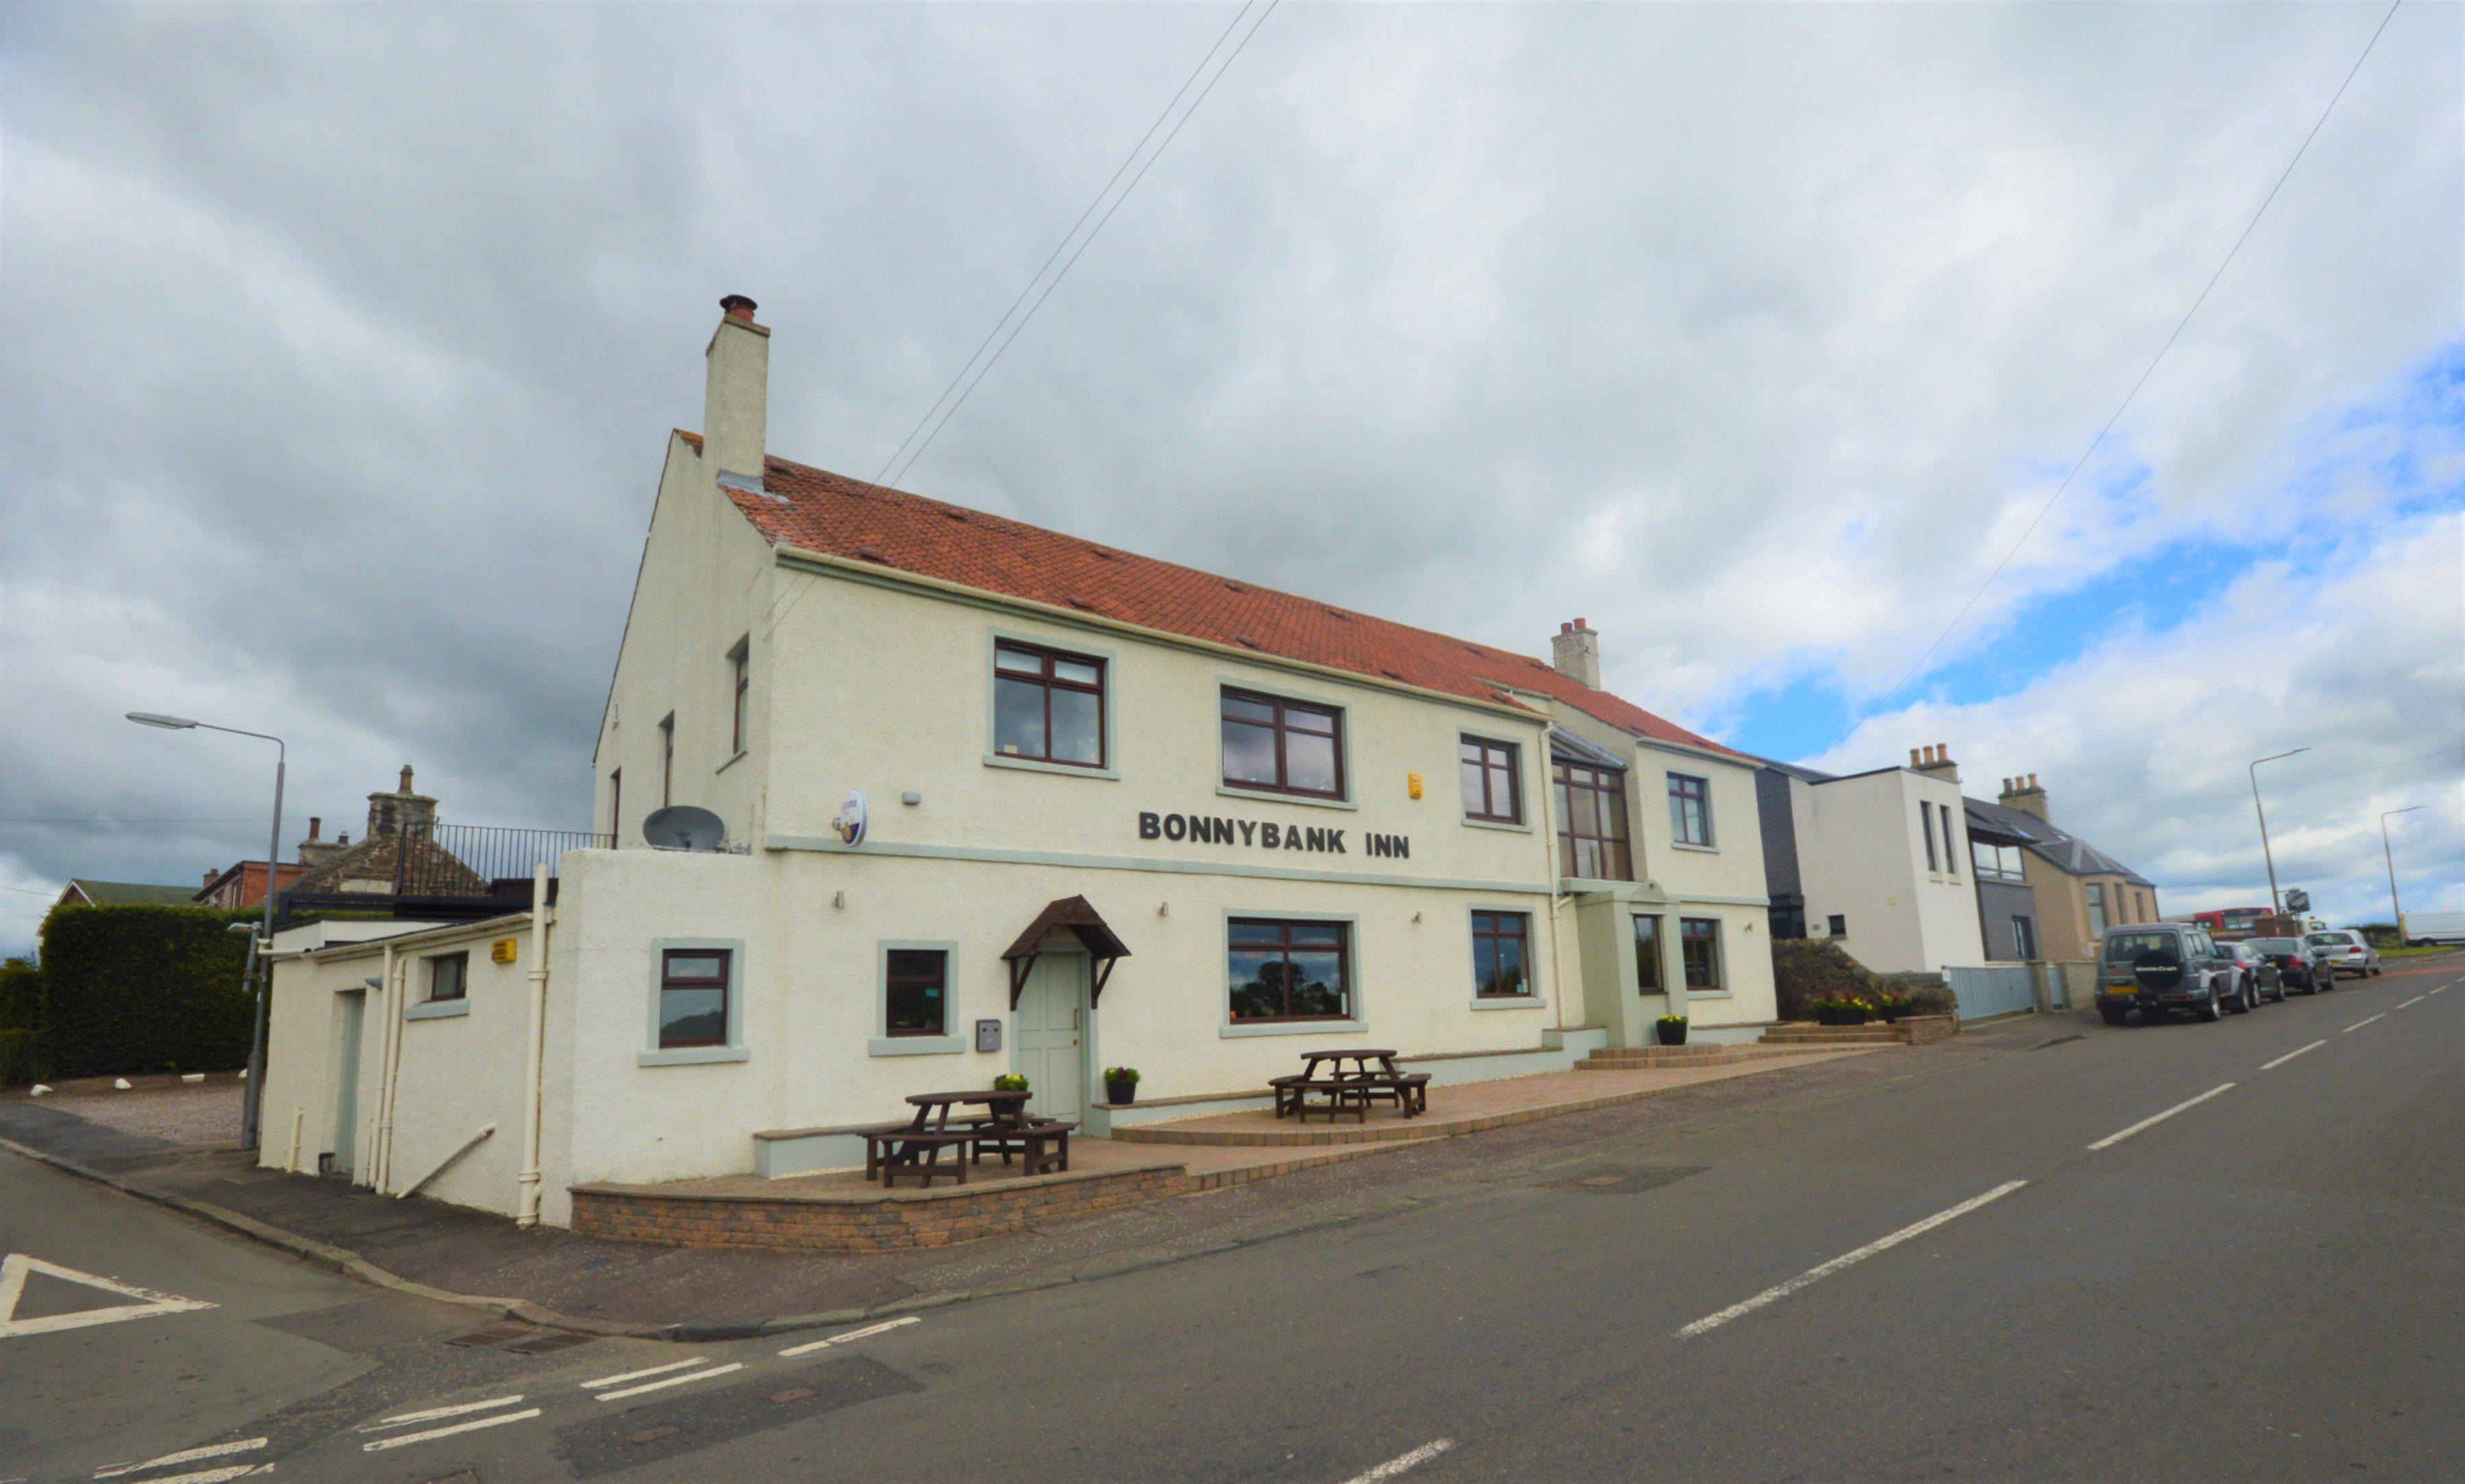 Bonnybank Inn